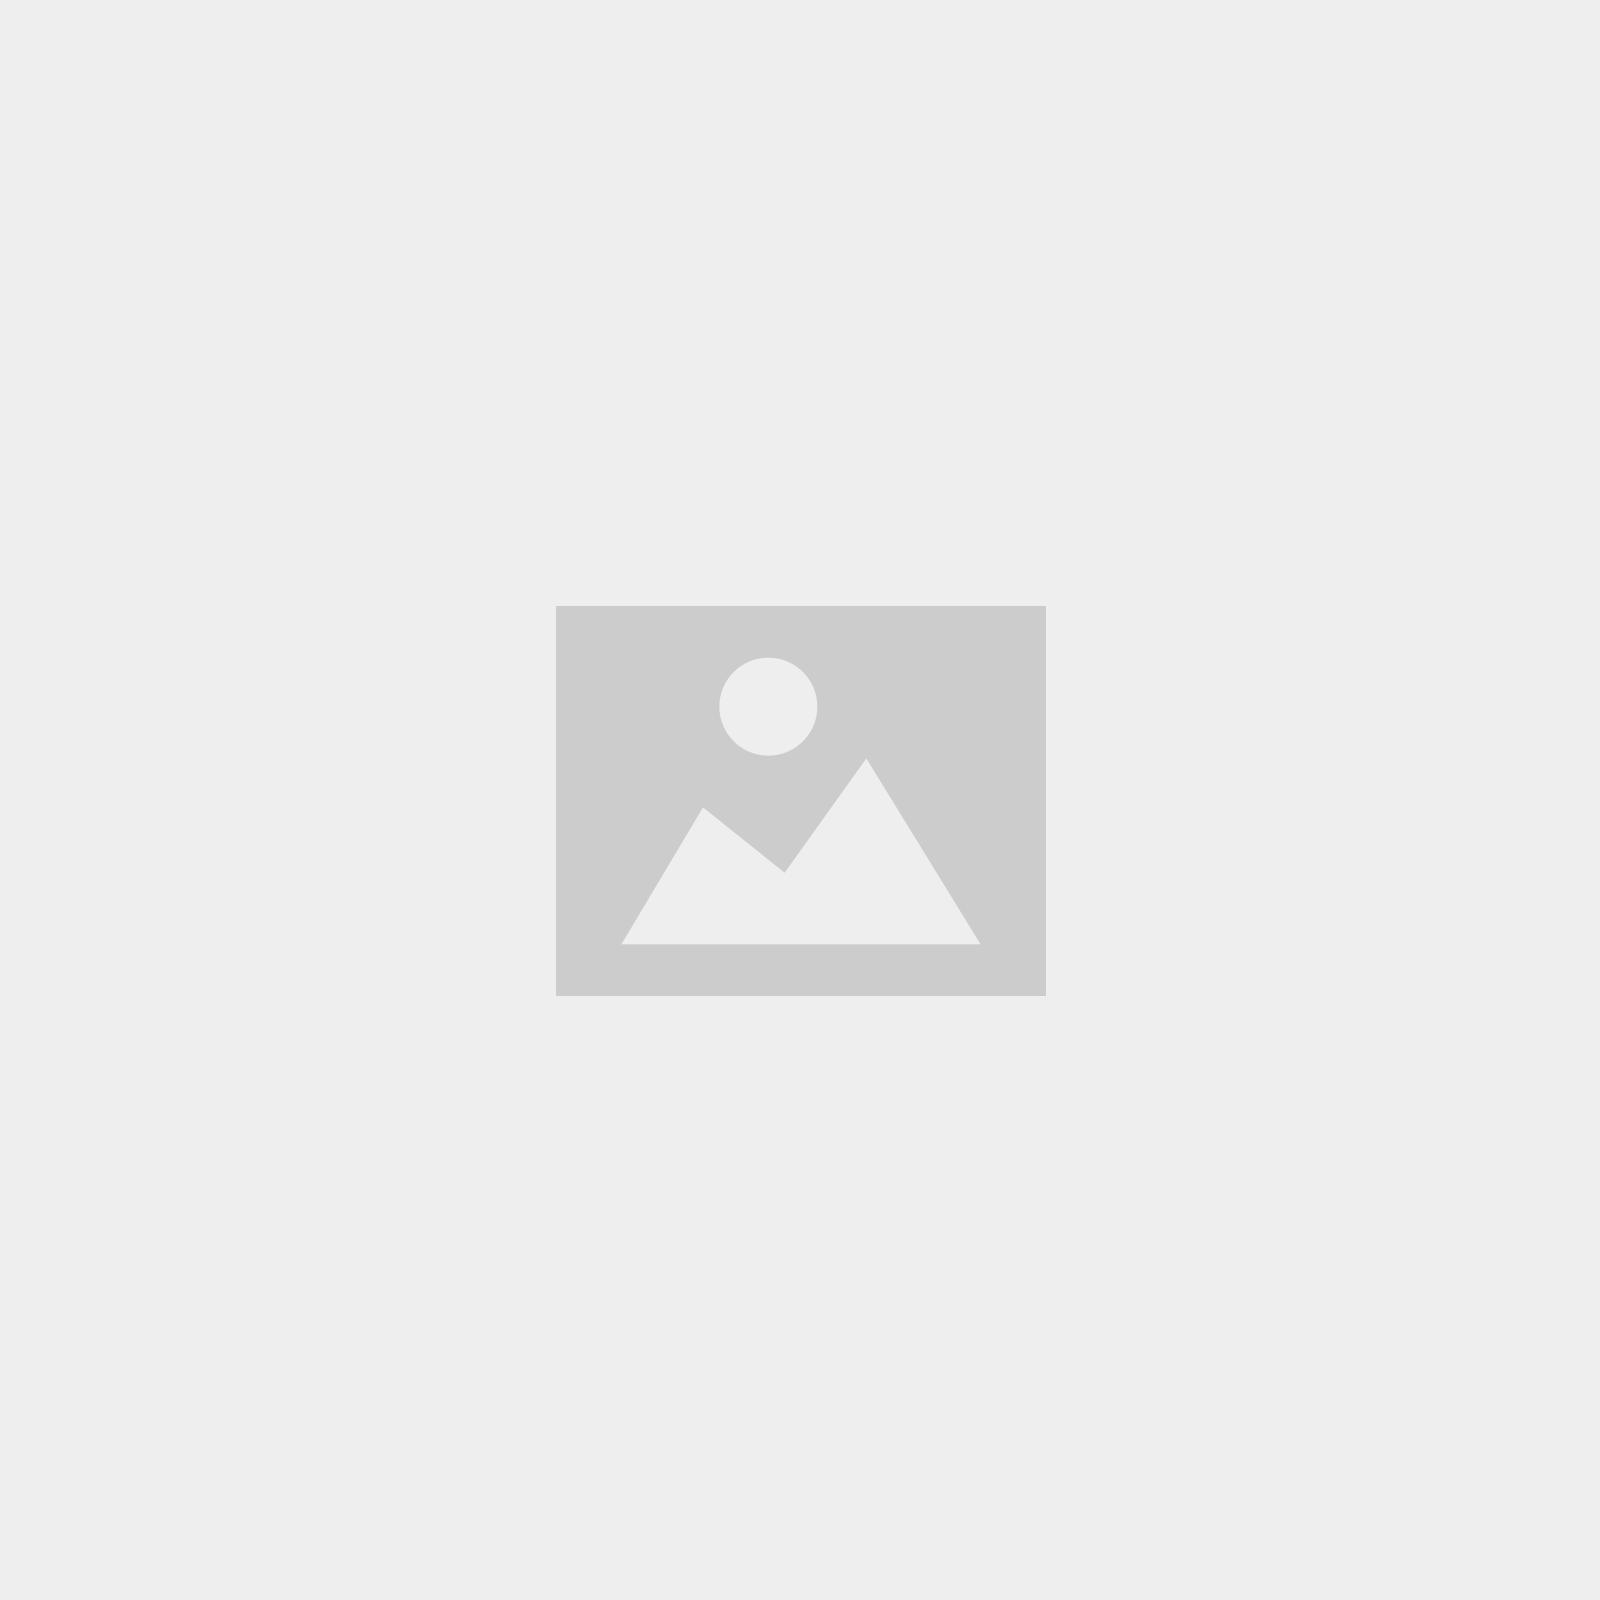 SOFTline organizza un tavolo tecnico sulla tariffa puntuale